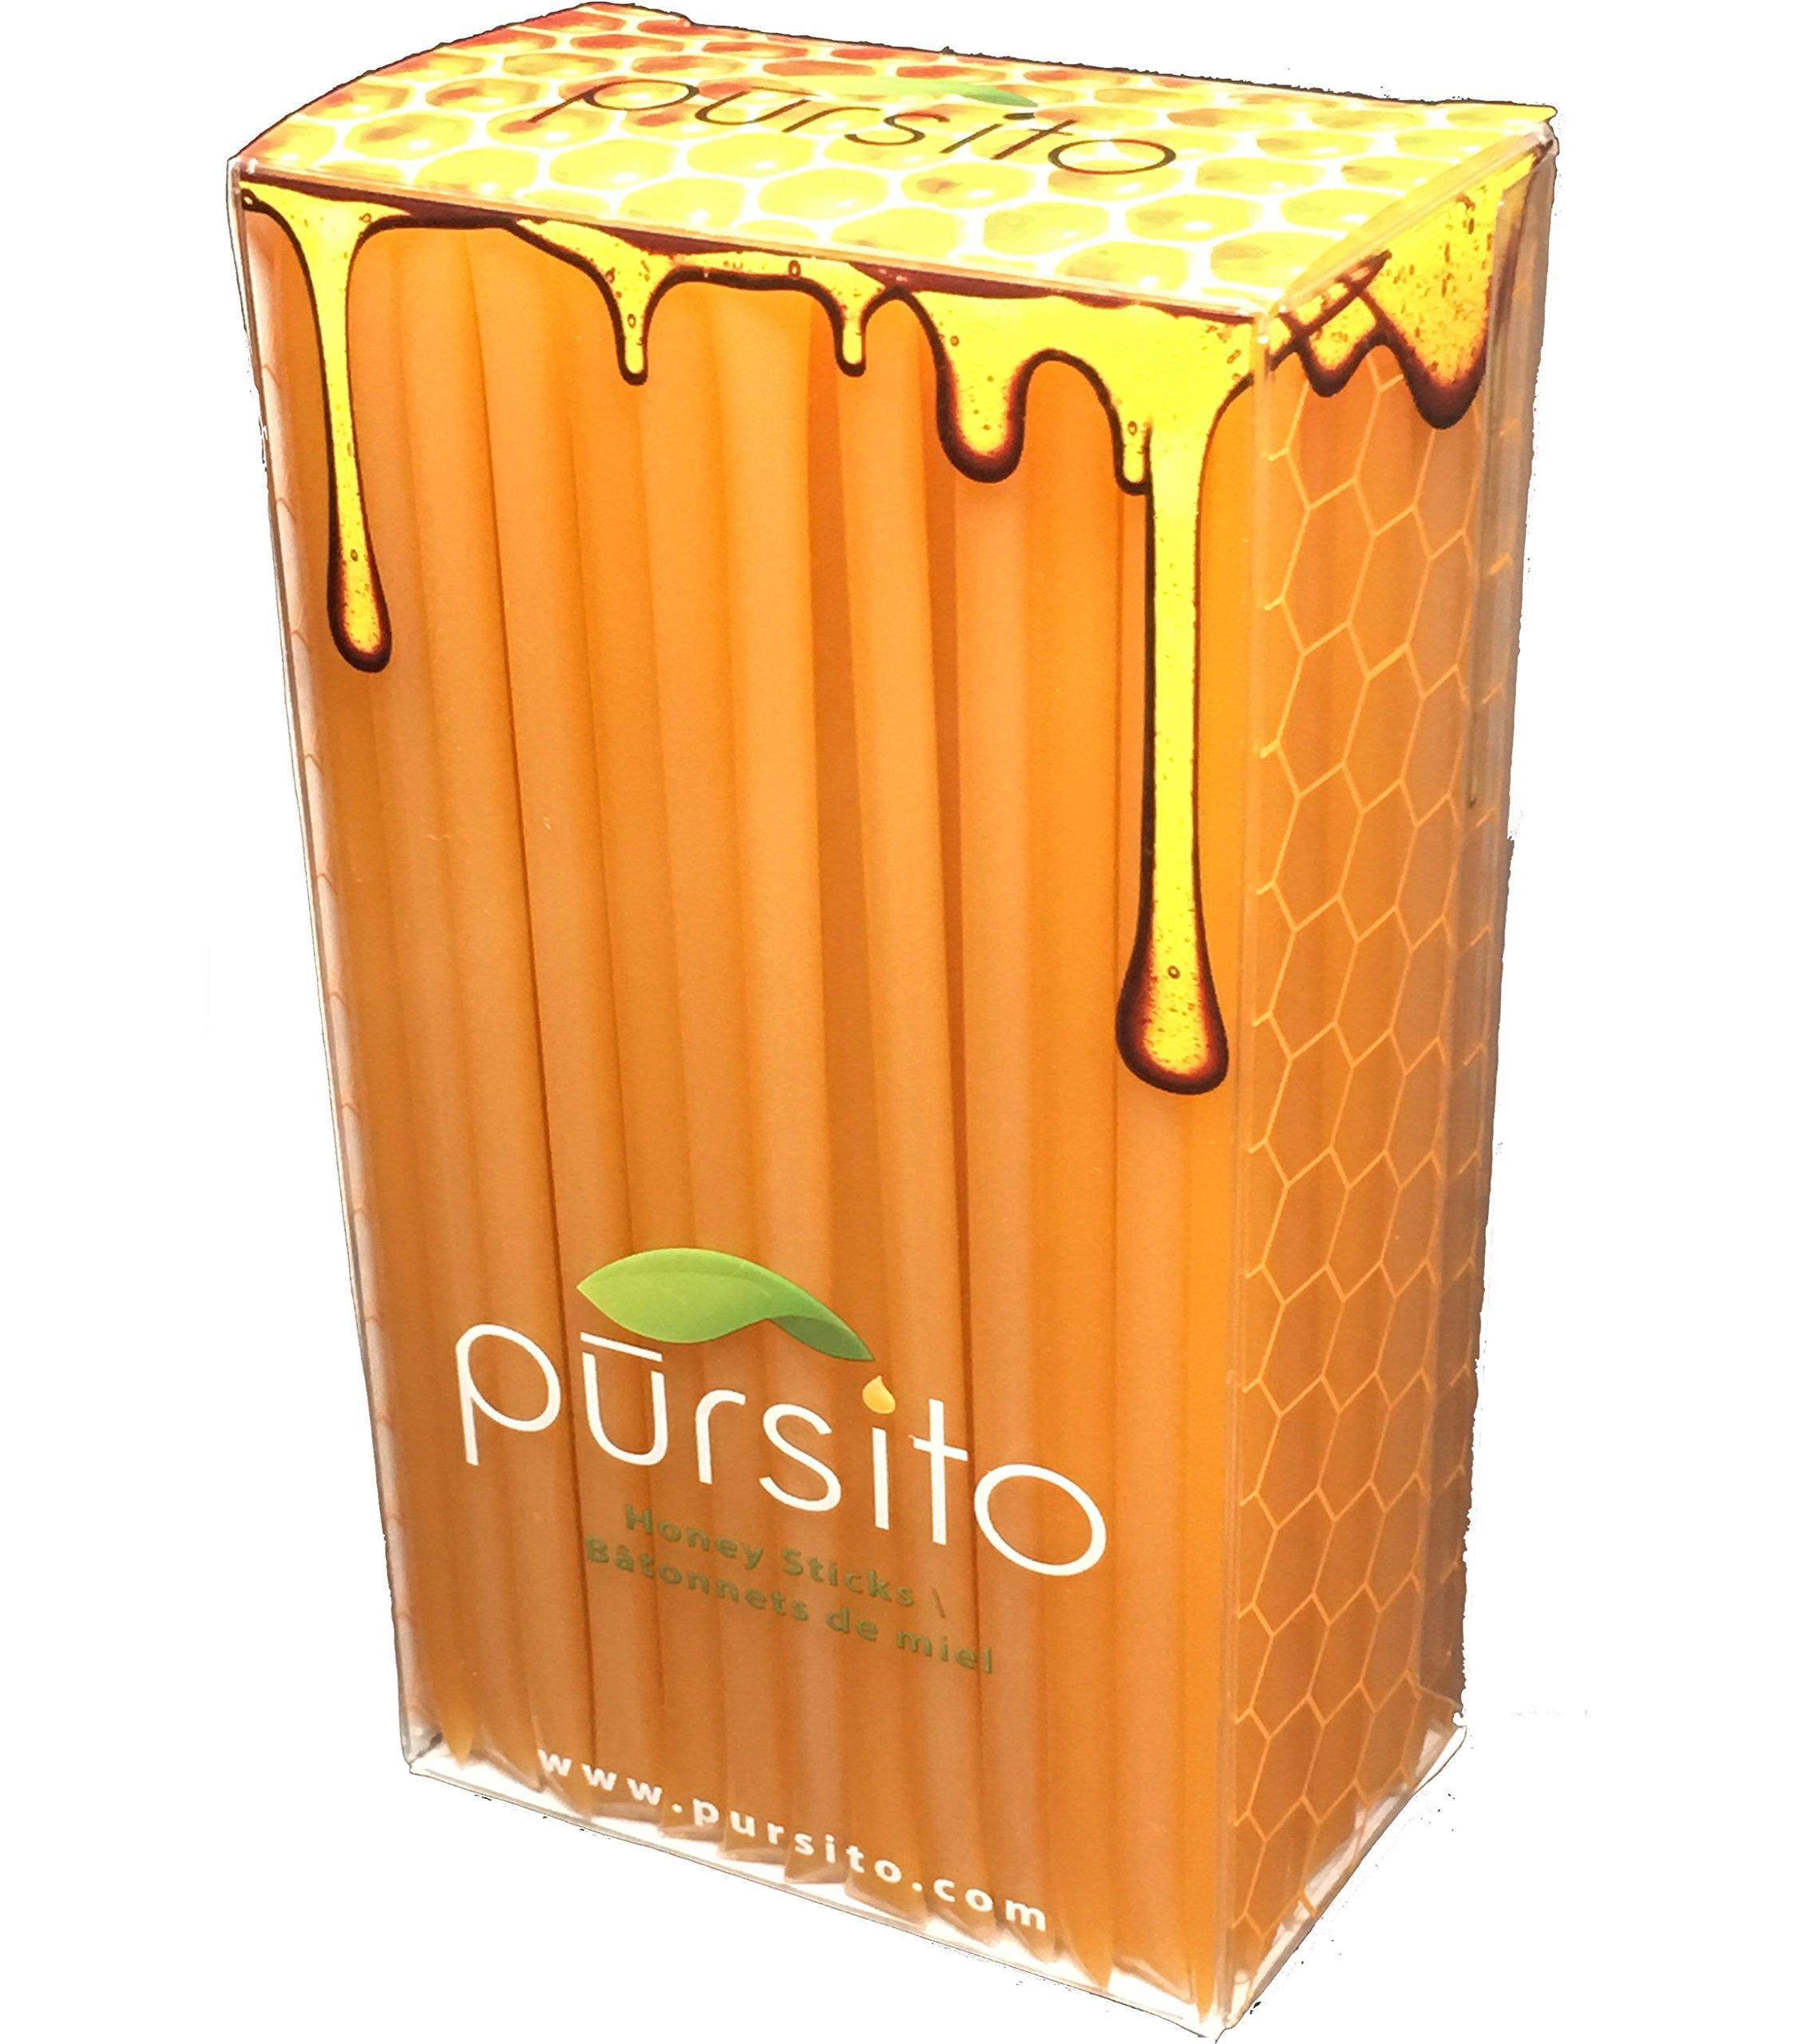 Peach Honey Sticks 100 Flavored Bulk Honey Stix or Honey Straws Honey Stick for Tea, Coffee or Snacking Pursito Brand Honeystix